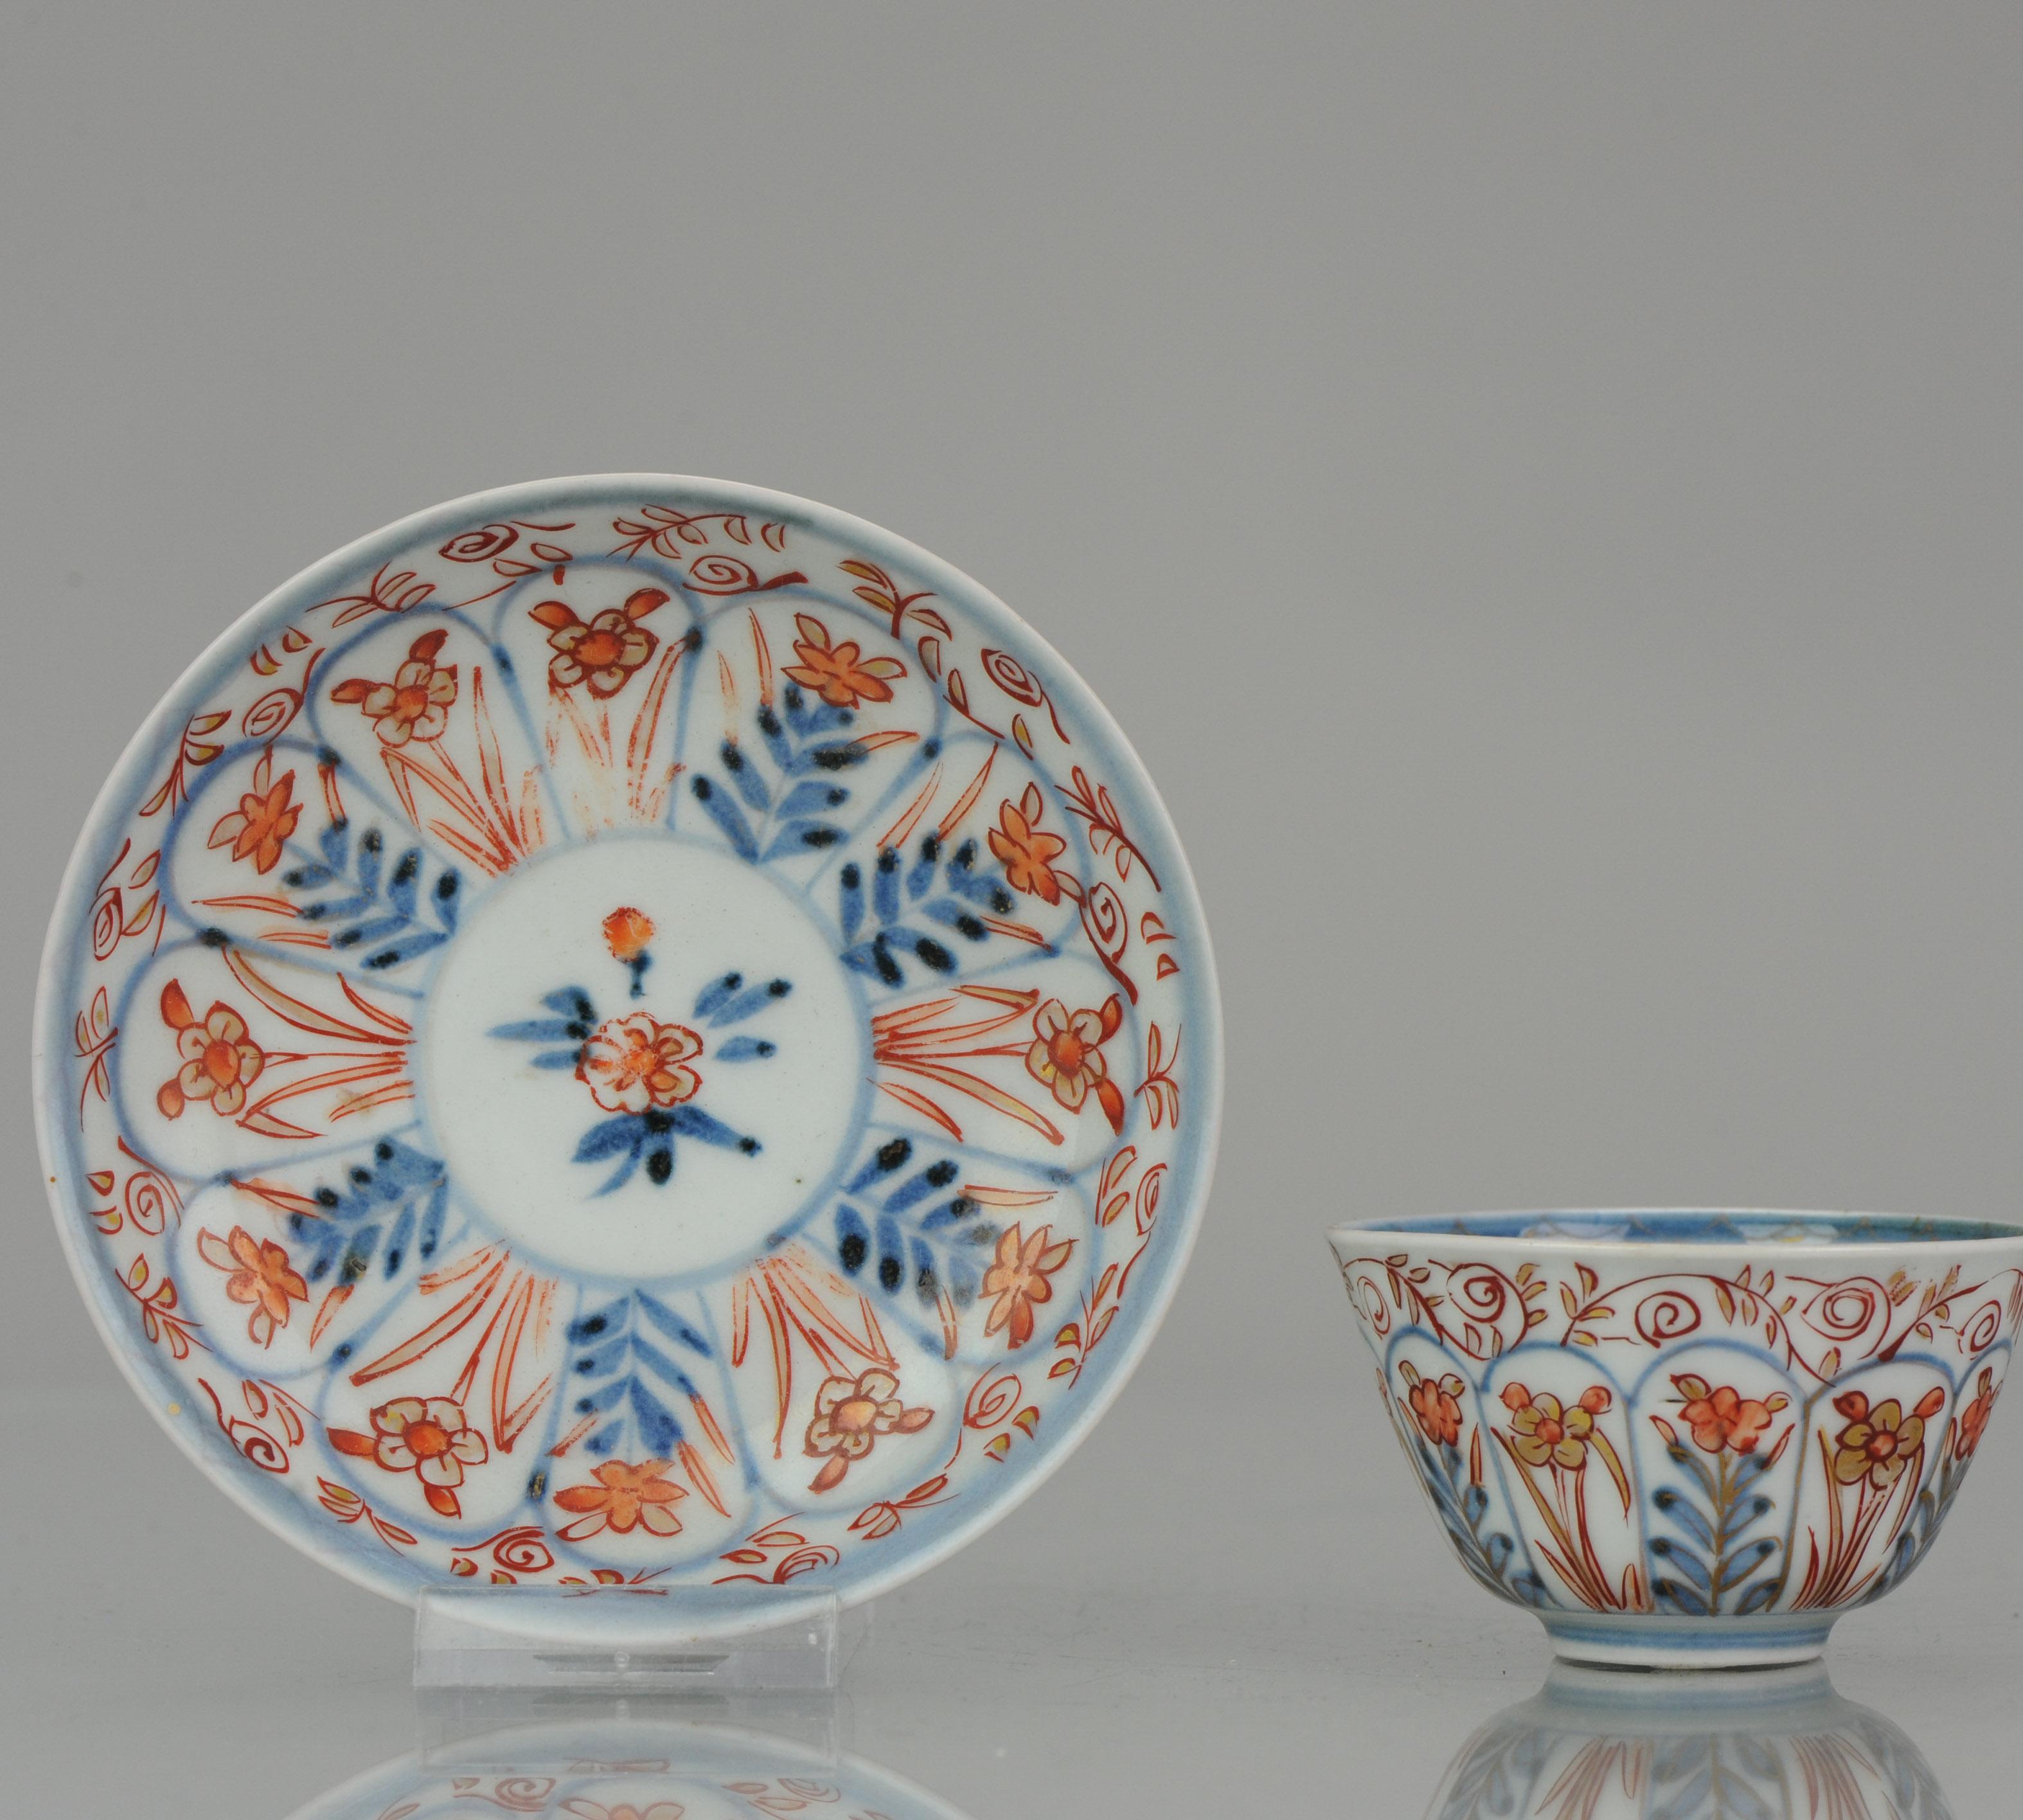 18C Japanese Porcelain Tea Cup Bowl & Saucer Saucer Imari Edo Period